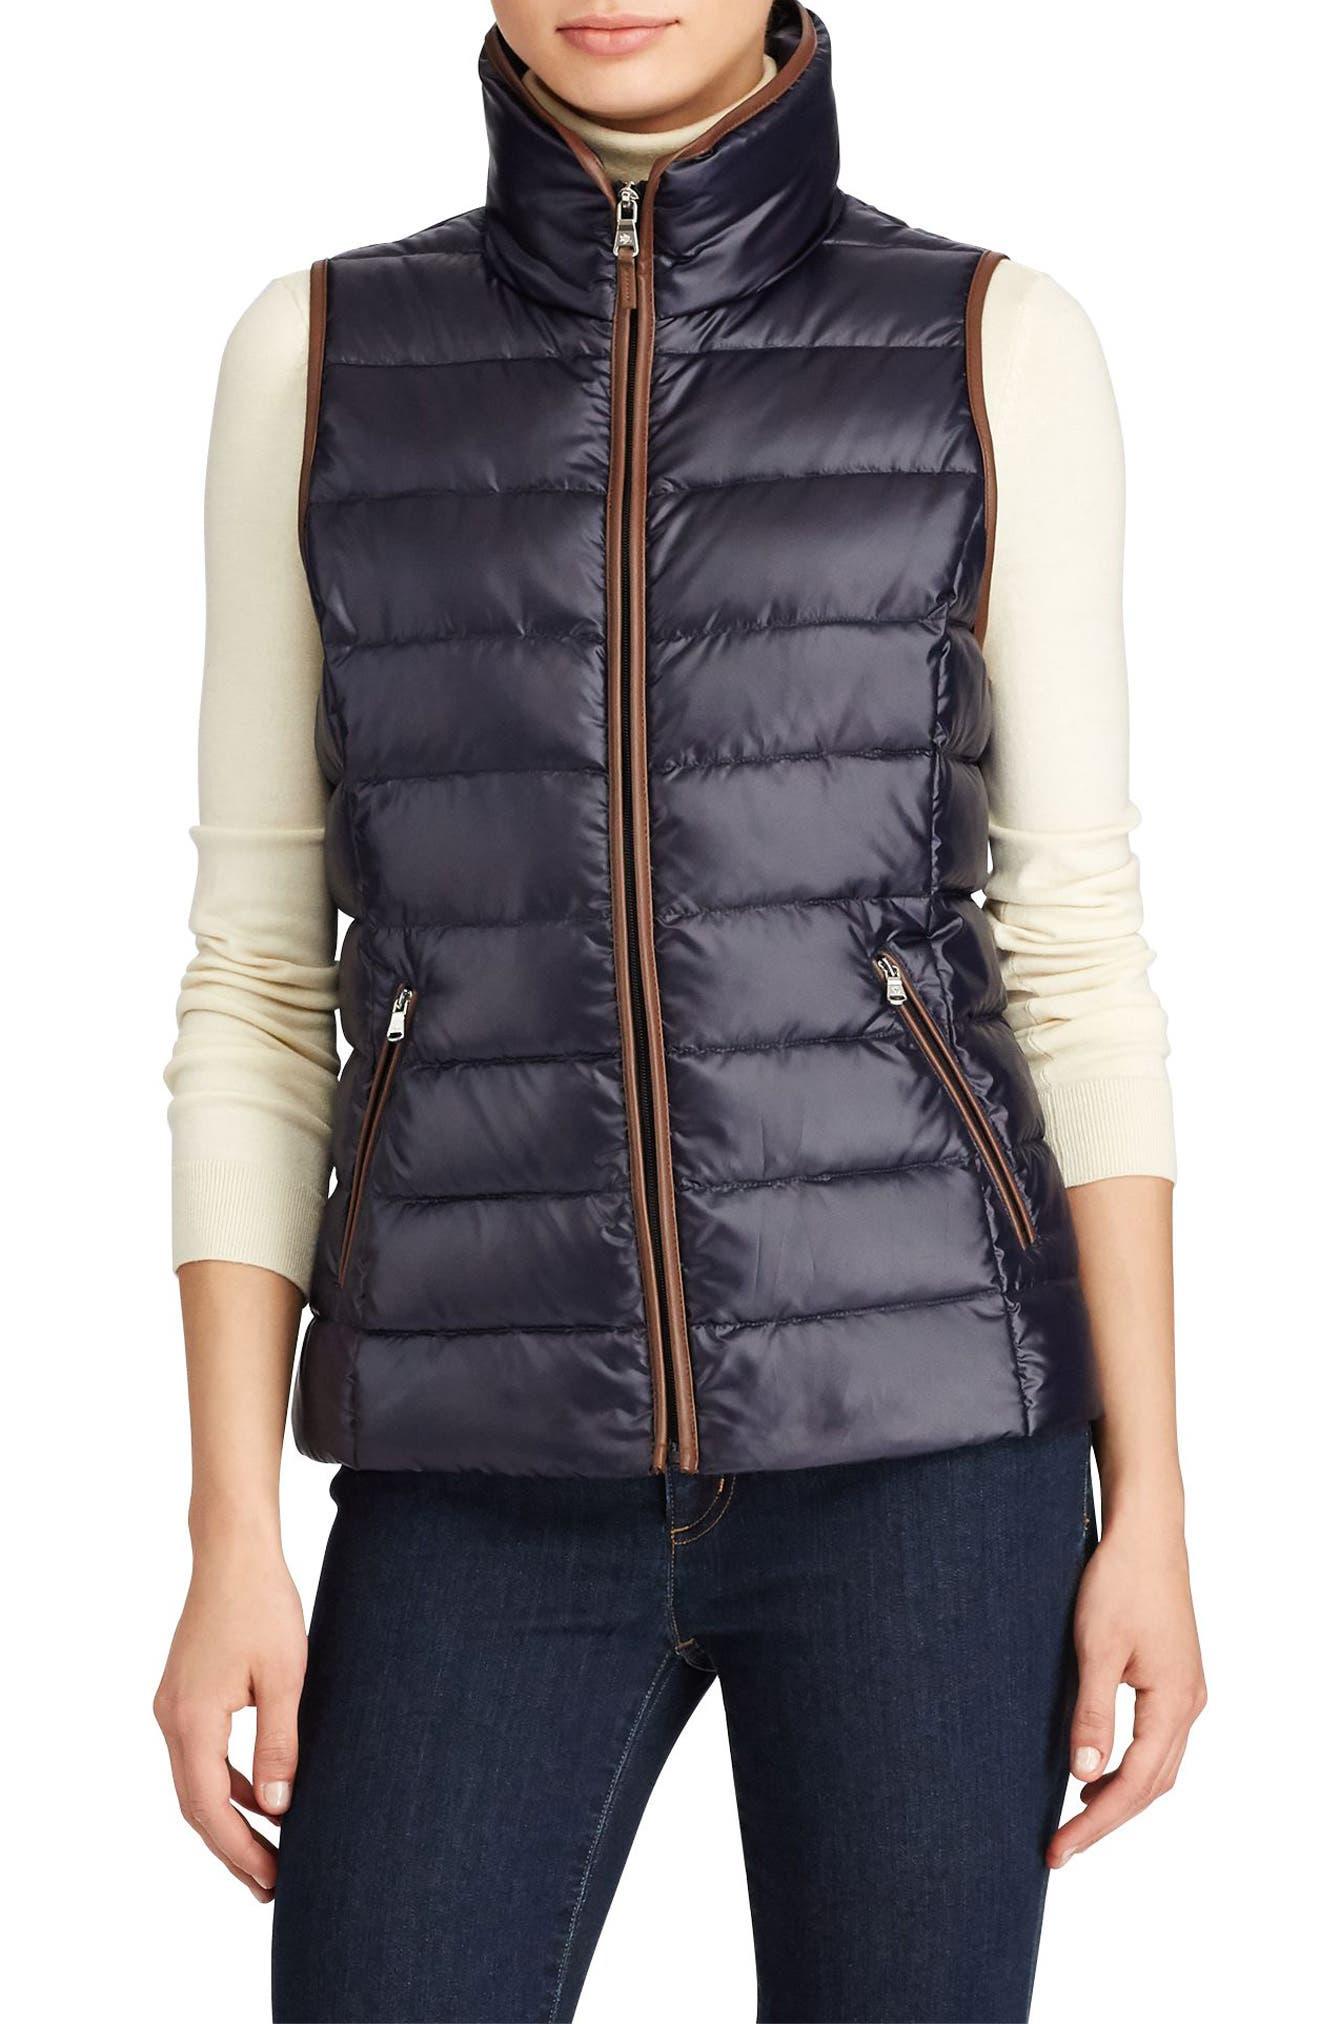 Alternate Image 1 Selected - Lauren Ralph Lauren Quilted Down Vest